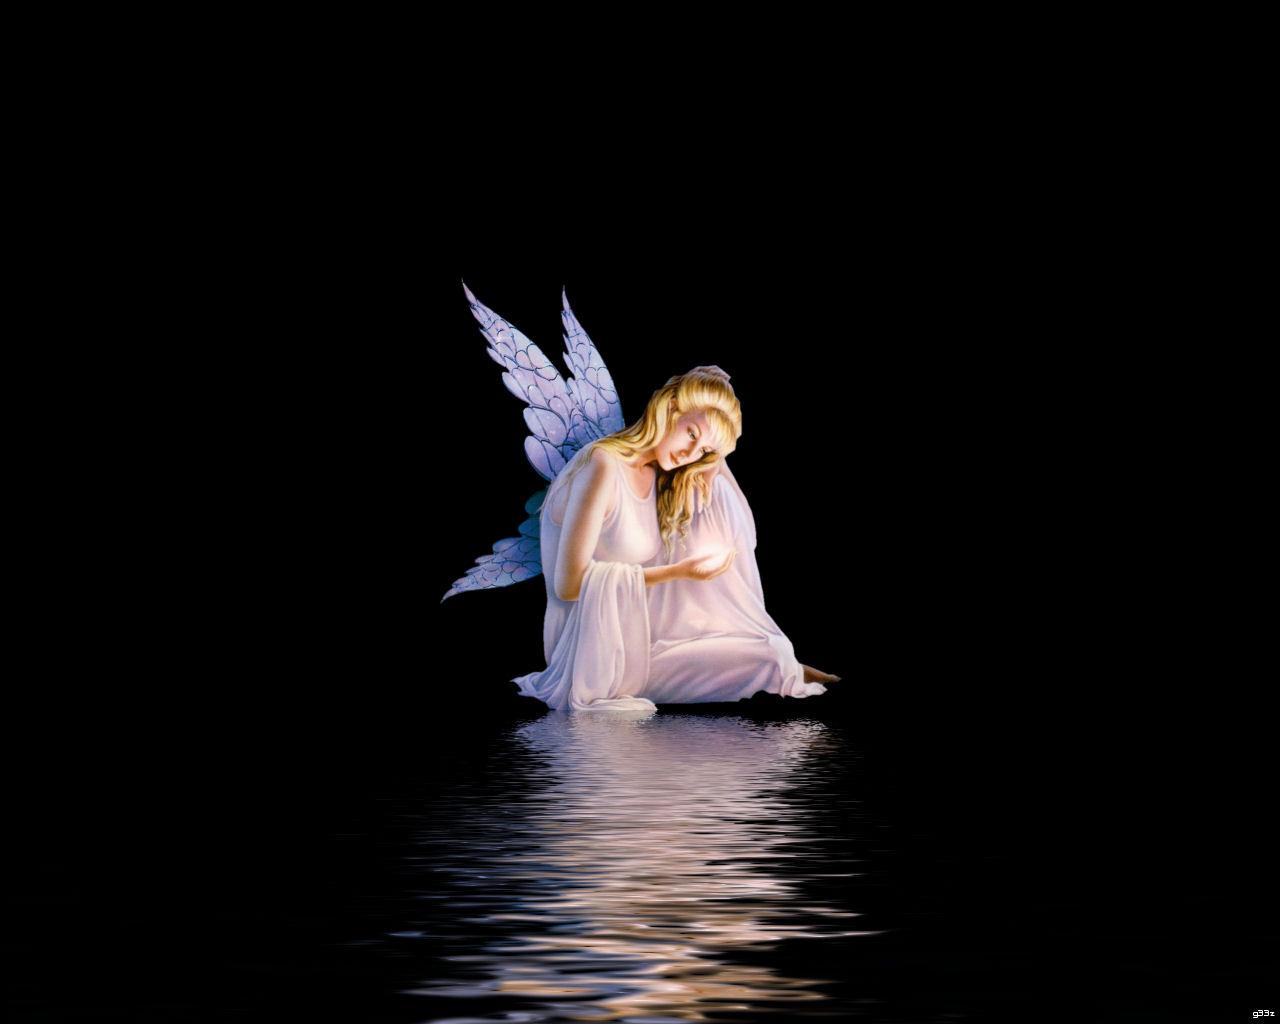 angel angels photo 30195784 fanpop